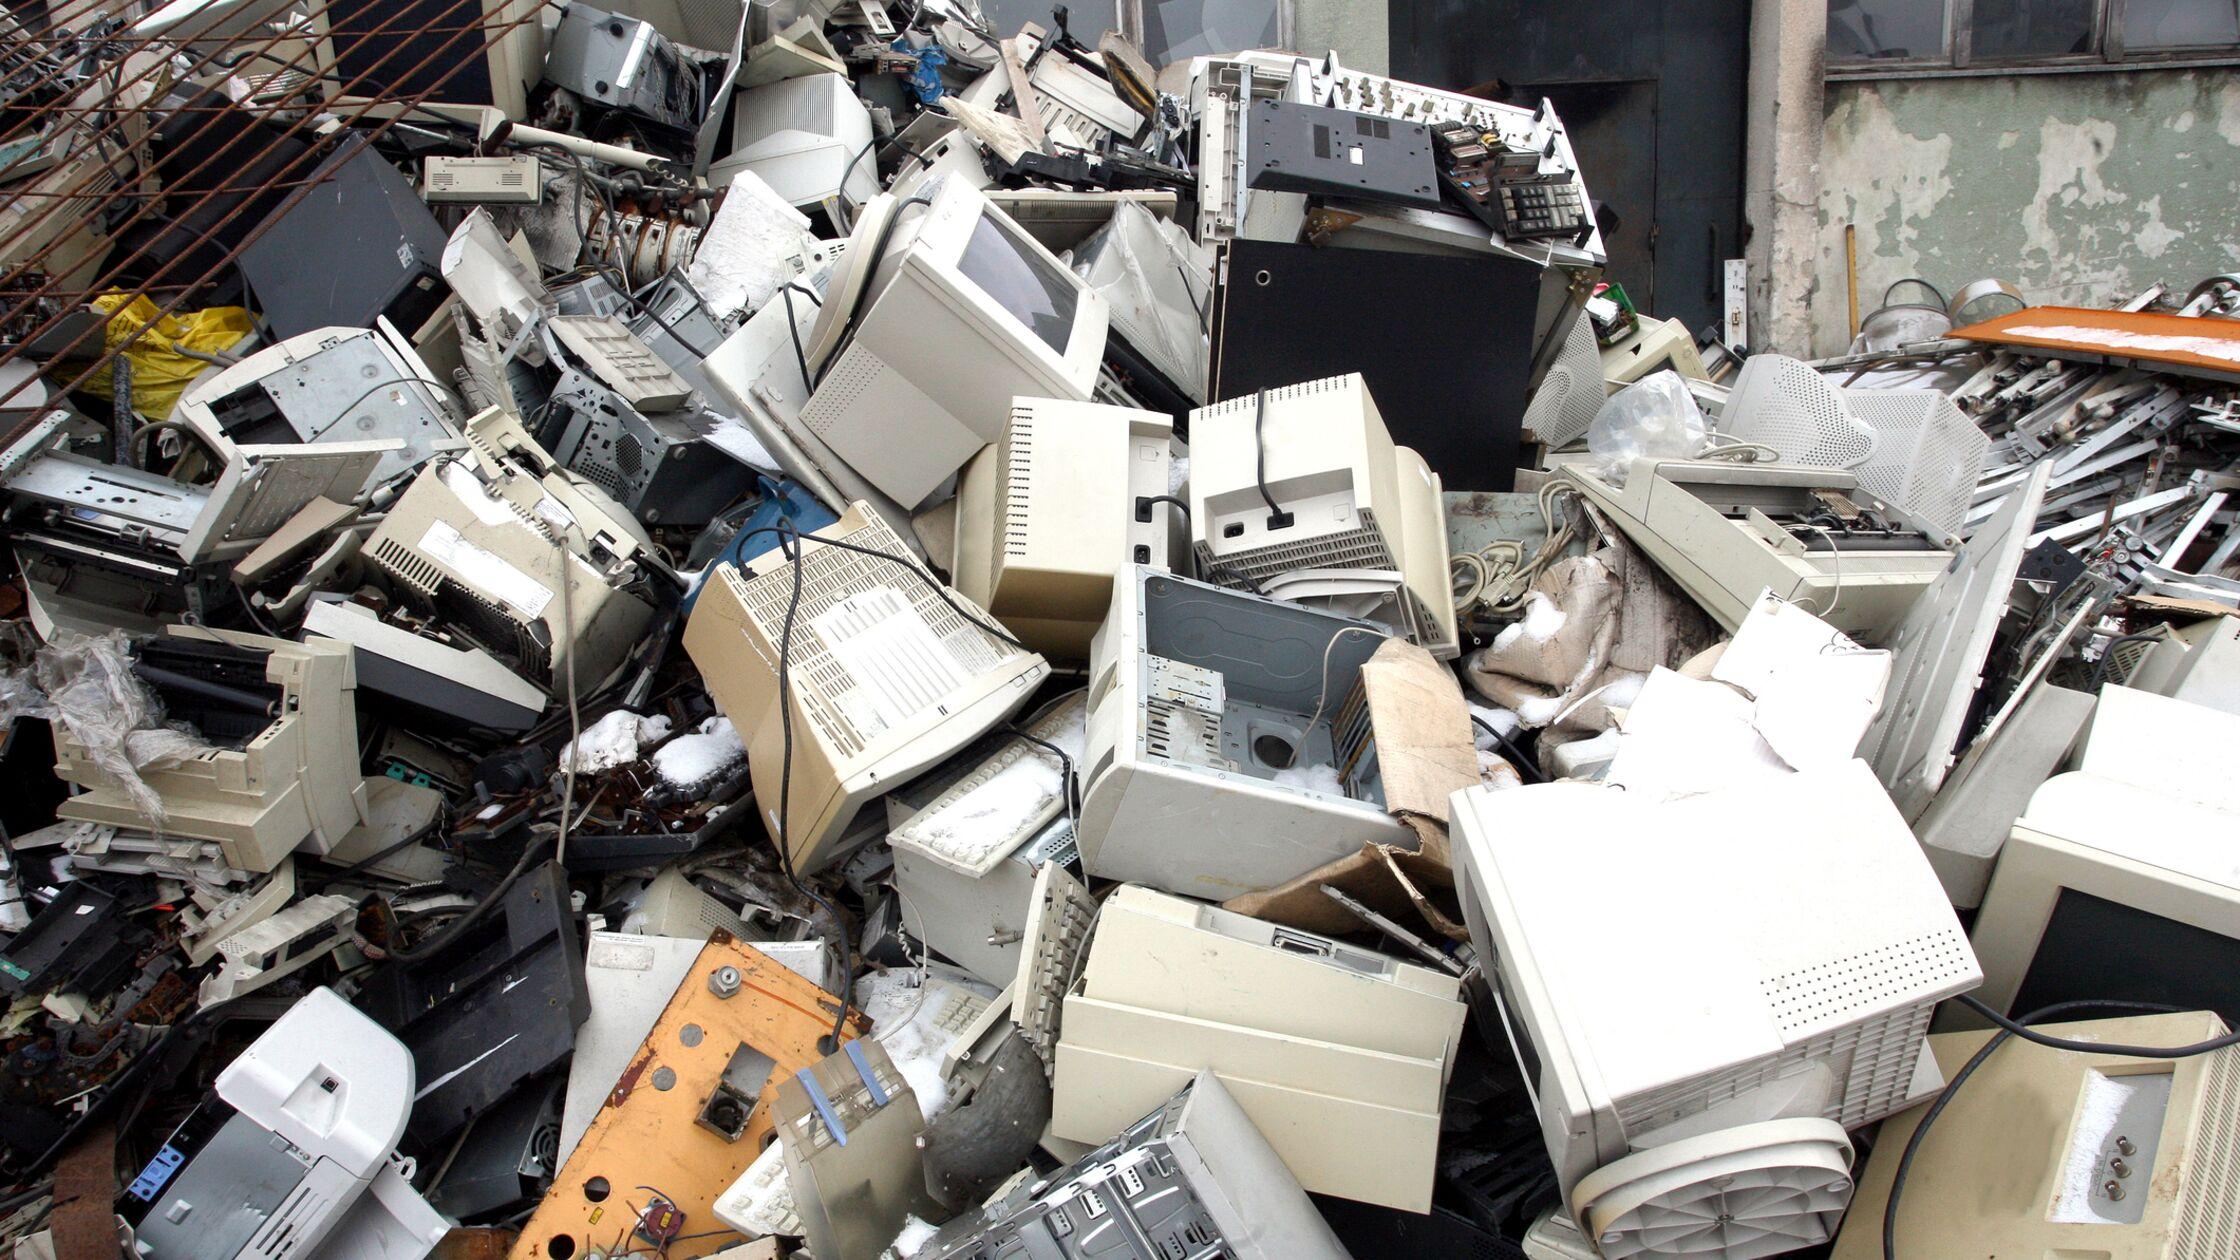 Elektroschrott entsorgen: Wohin mit Handy, Kühlschrank & Co.?